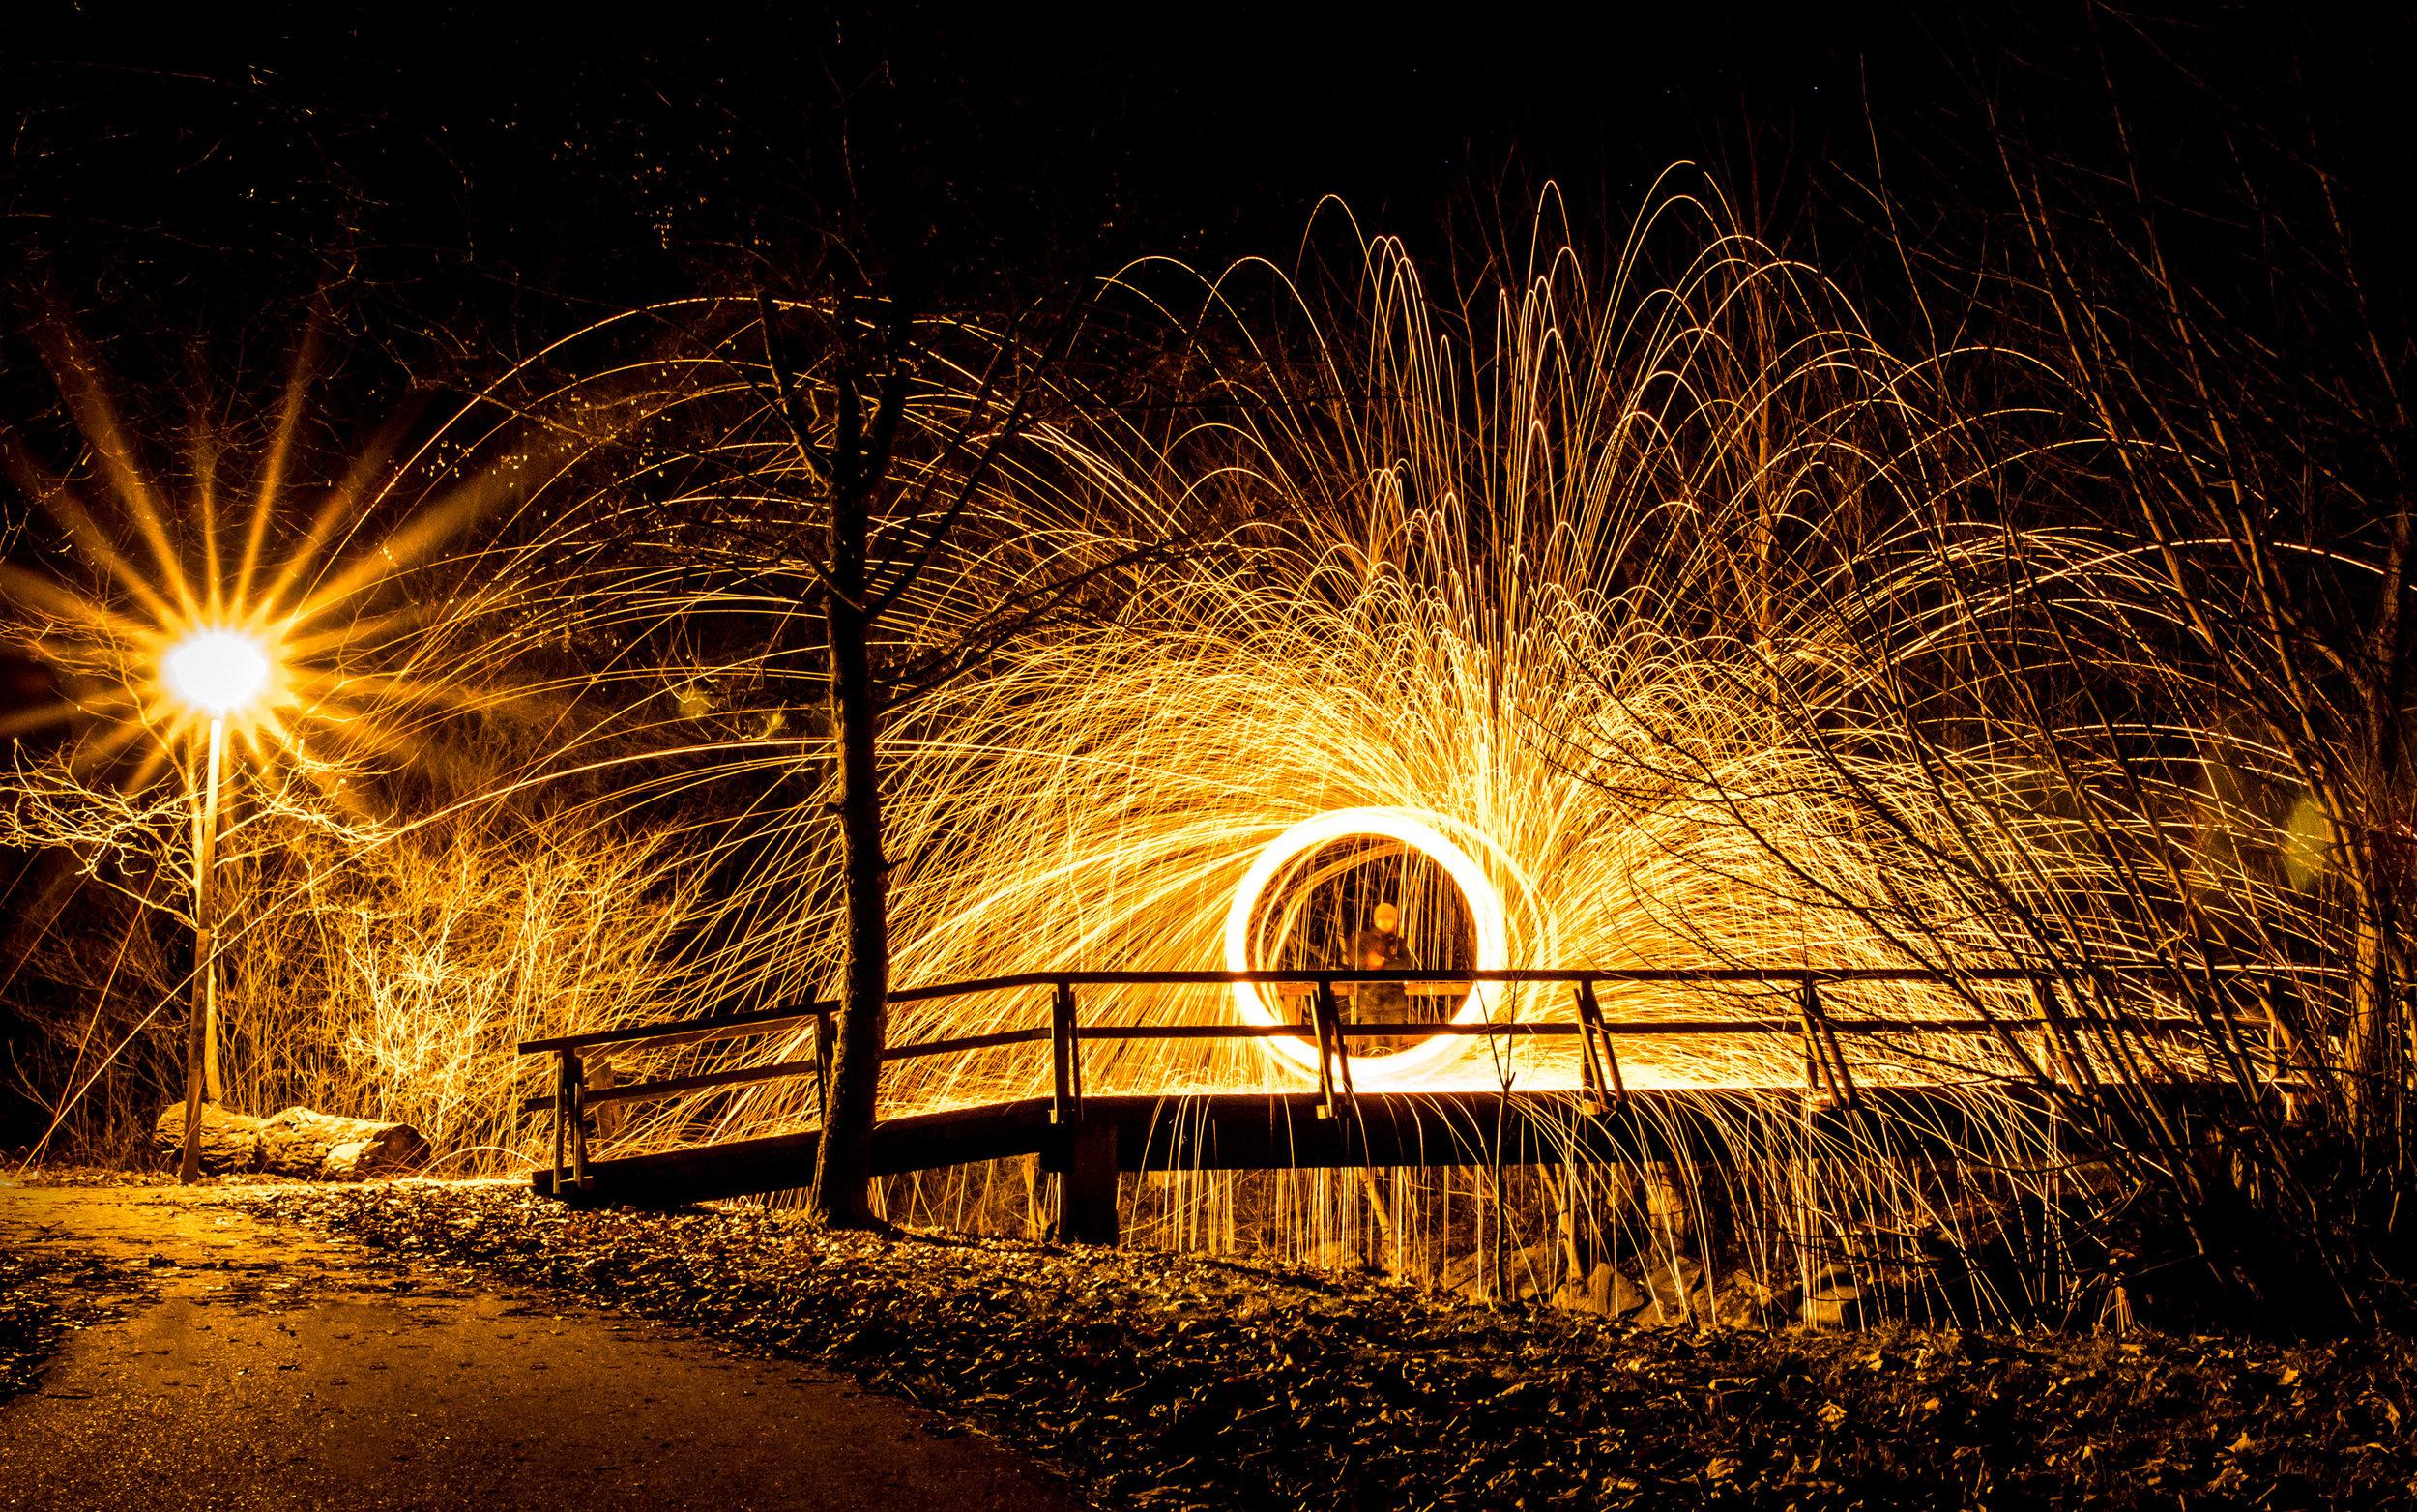 Fotoworkshop Lichtmalerei   Licht kreativ erleben